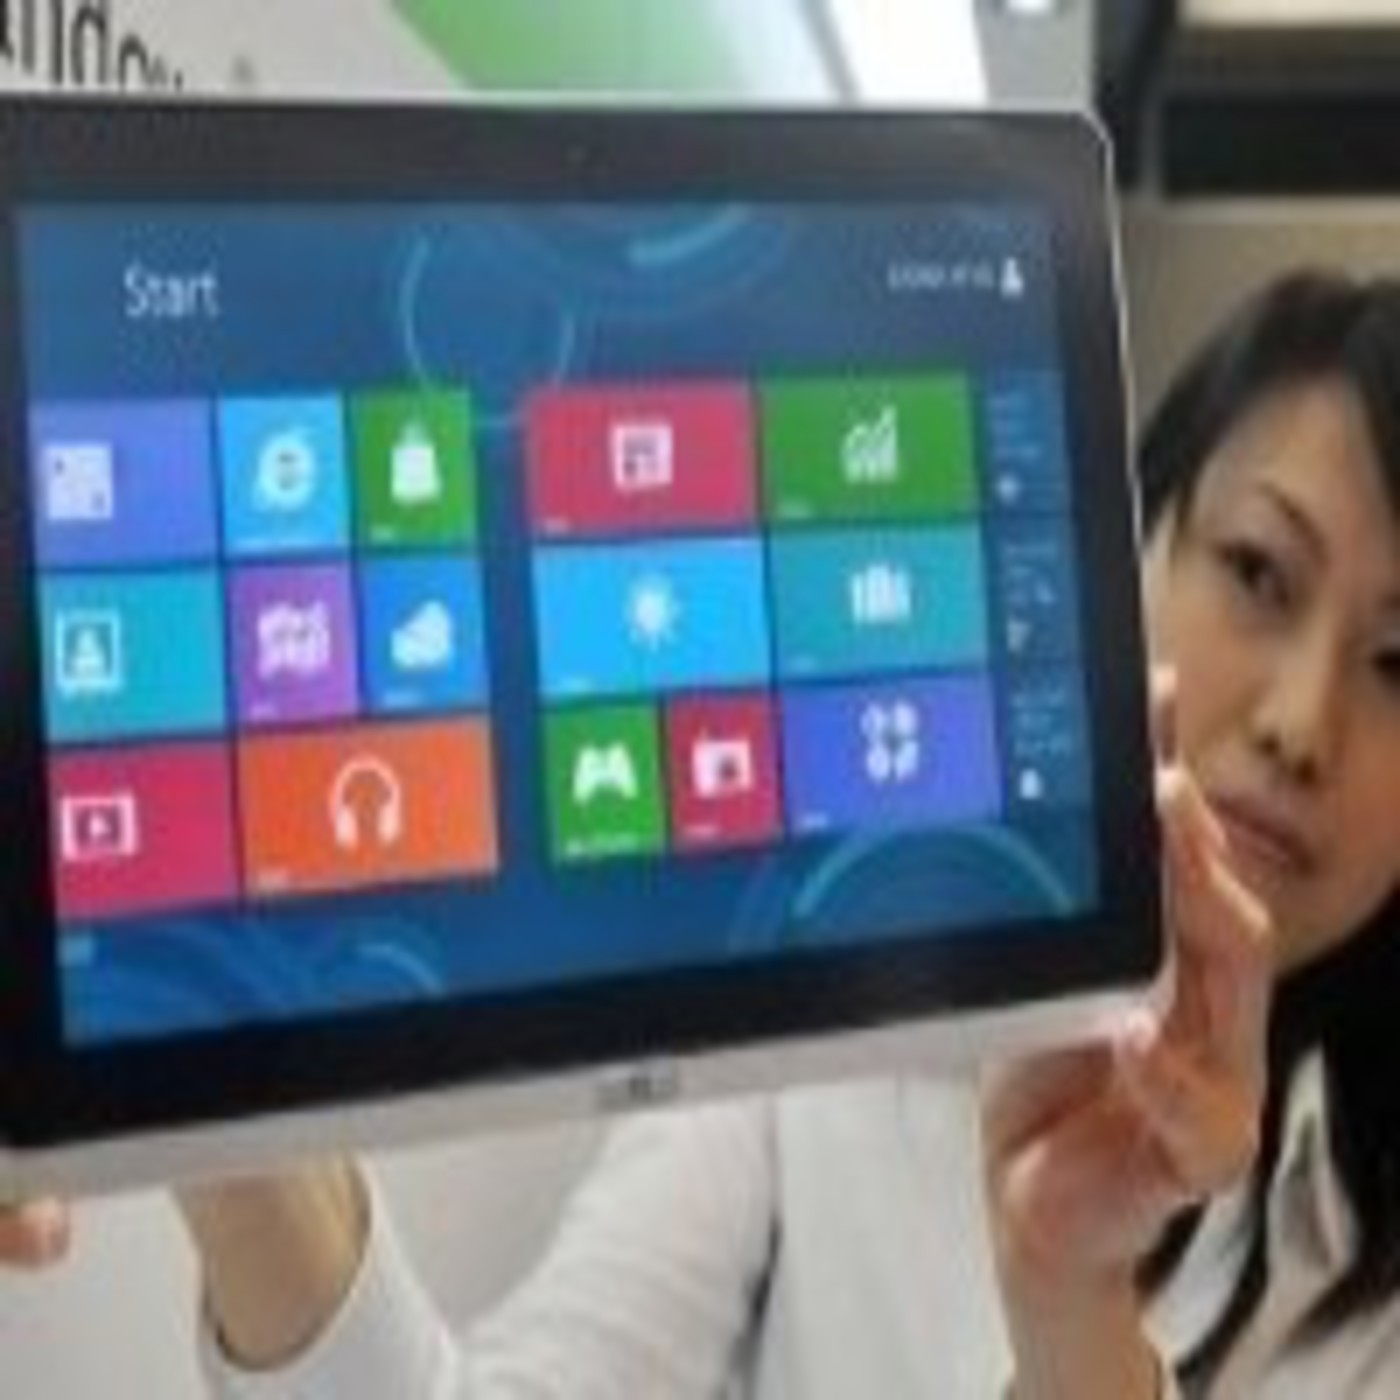 1x12 - Restricciones de Windows 8 sobre Linux, plataformas de crowdfunding y las noticias más curiosas de la semana